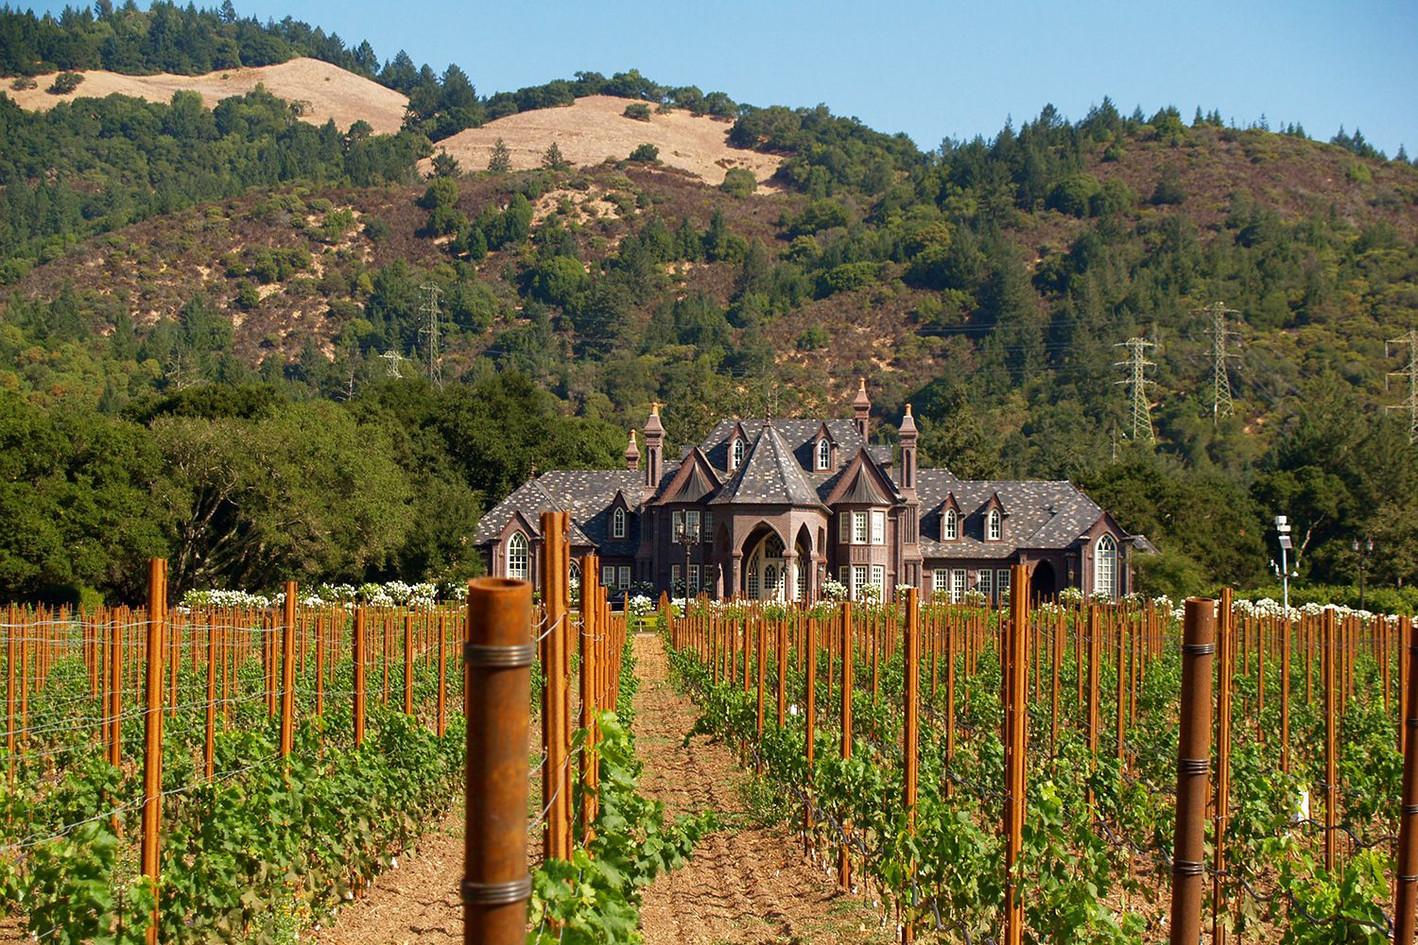 1024 Ledson-Winery-59f0b5d0845b340011d03